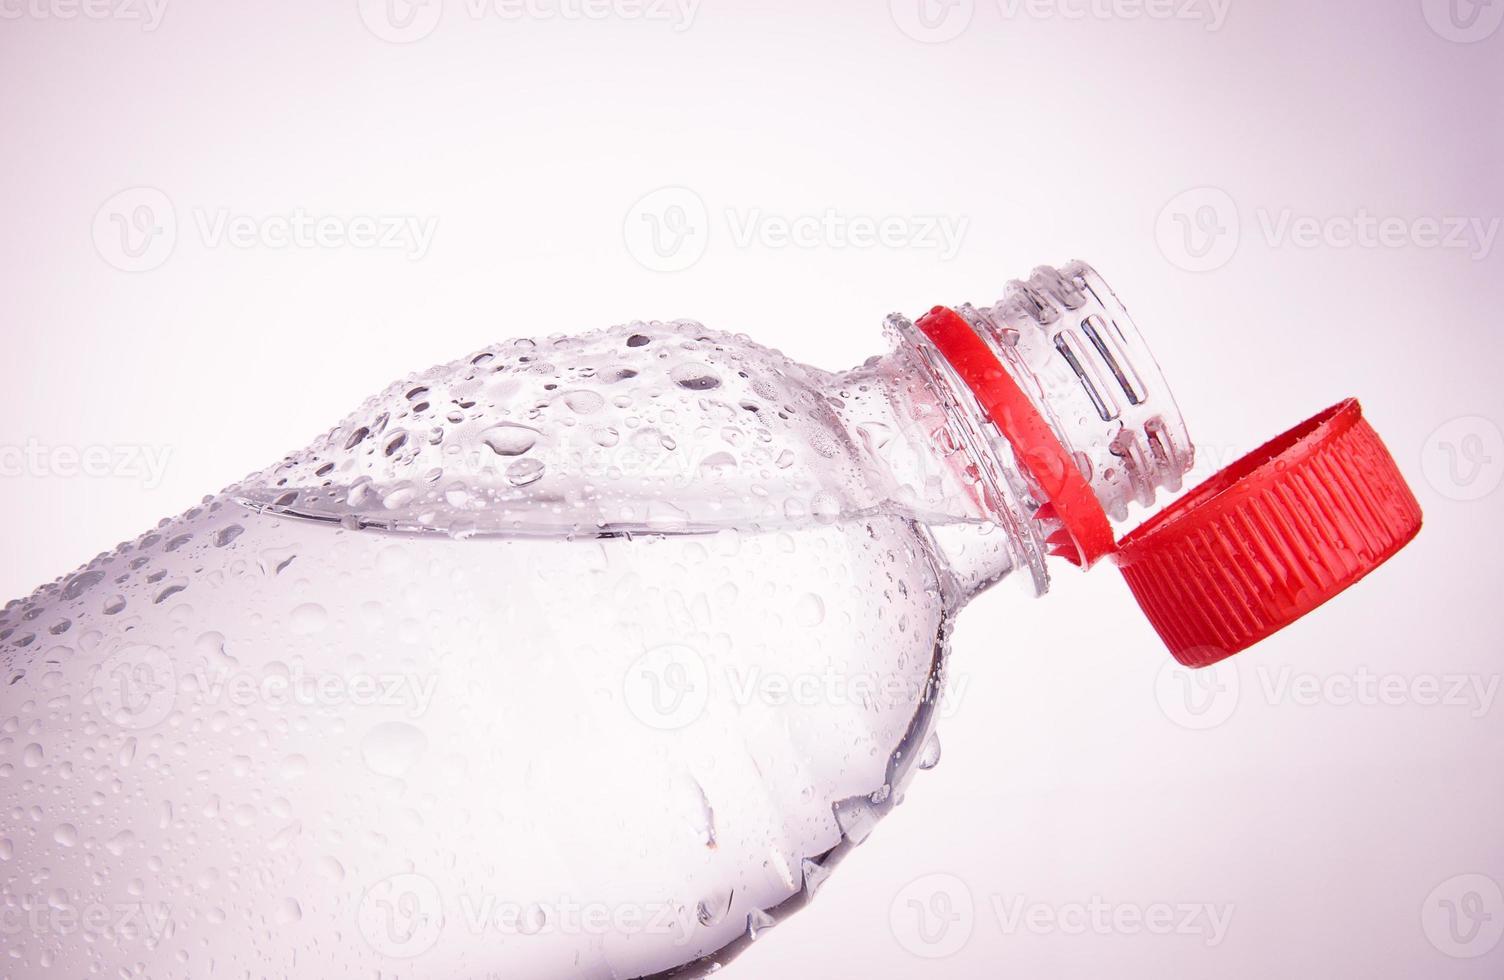 plastflaskor med dricksvatten foto